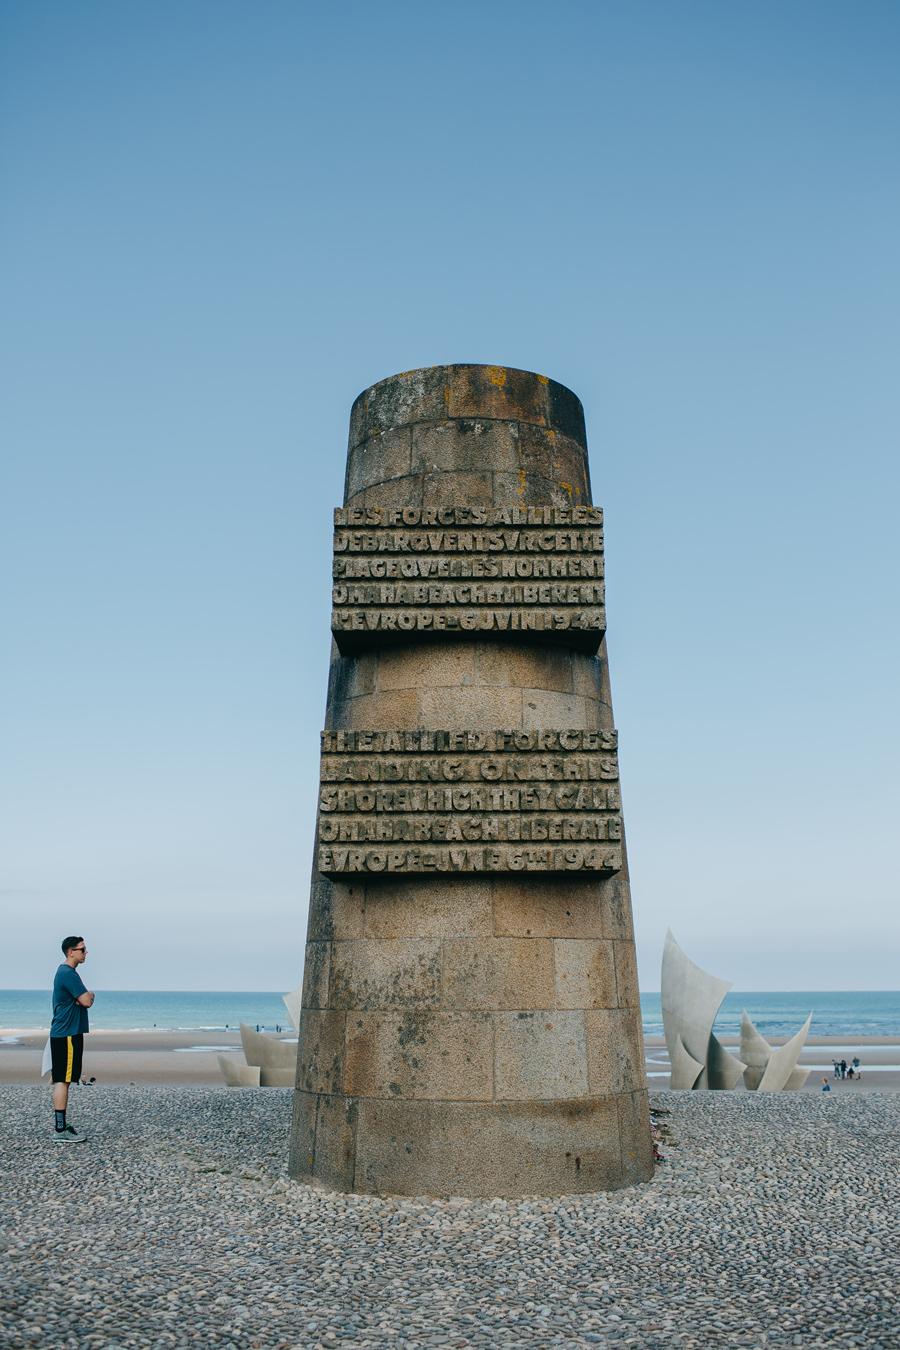 001-france-normandy-world-war-ii-beaches.jpg